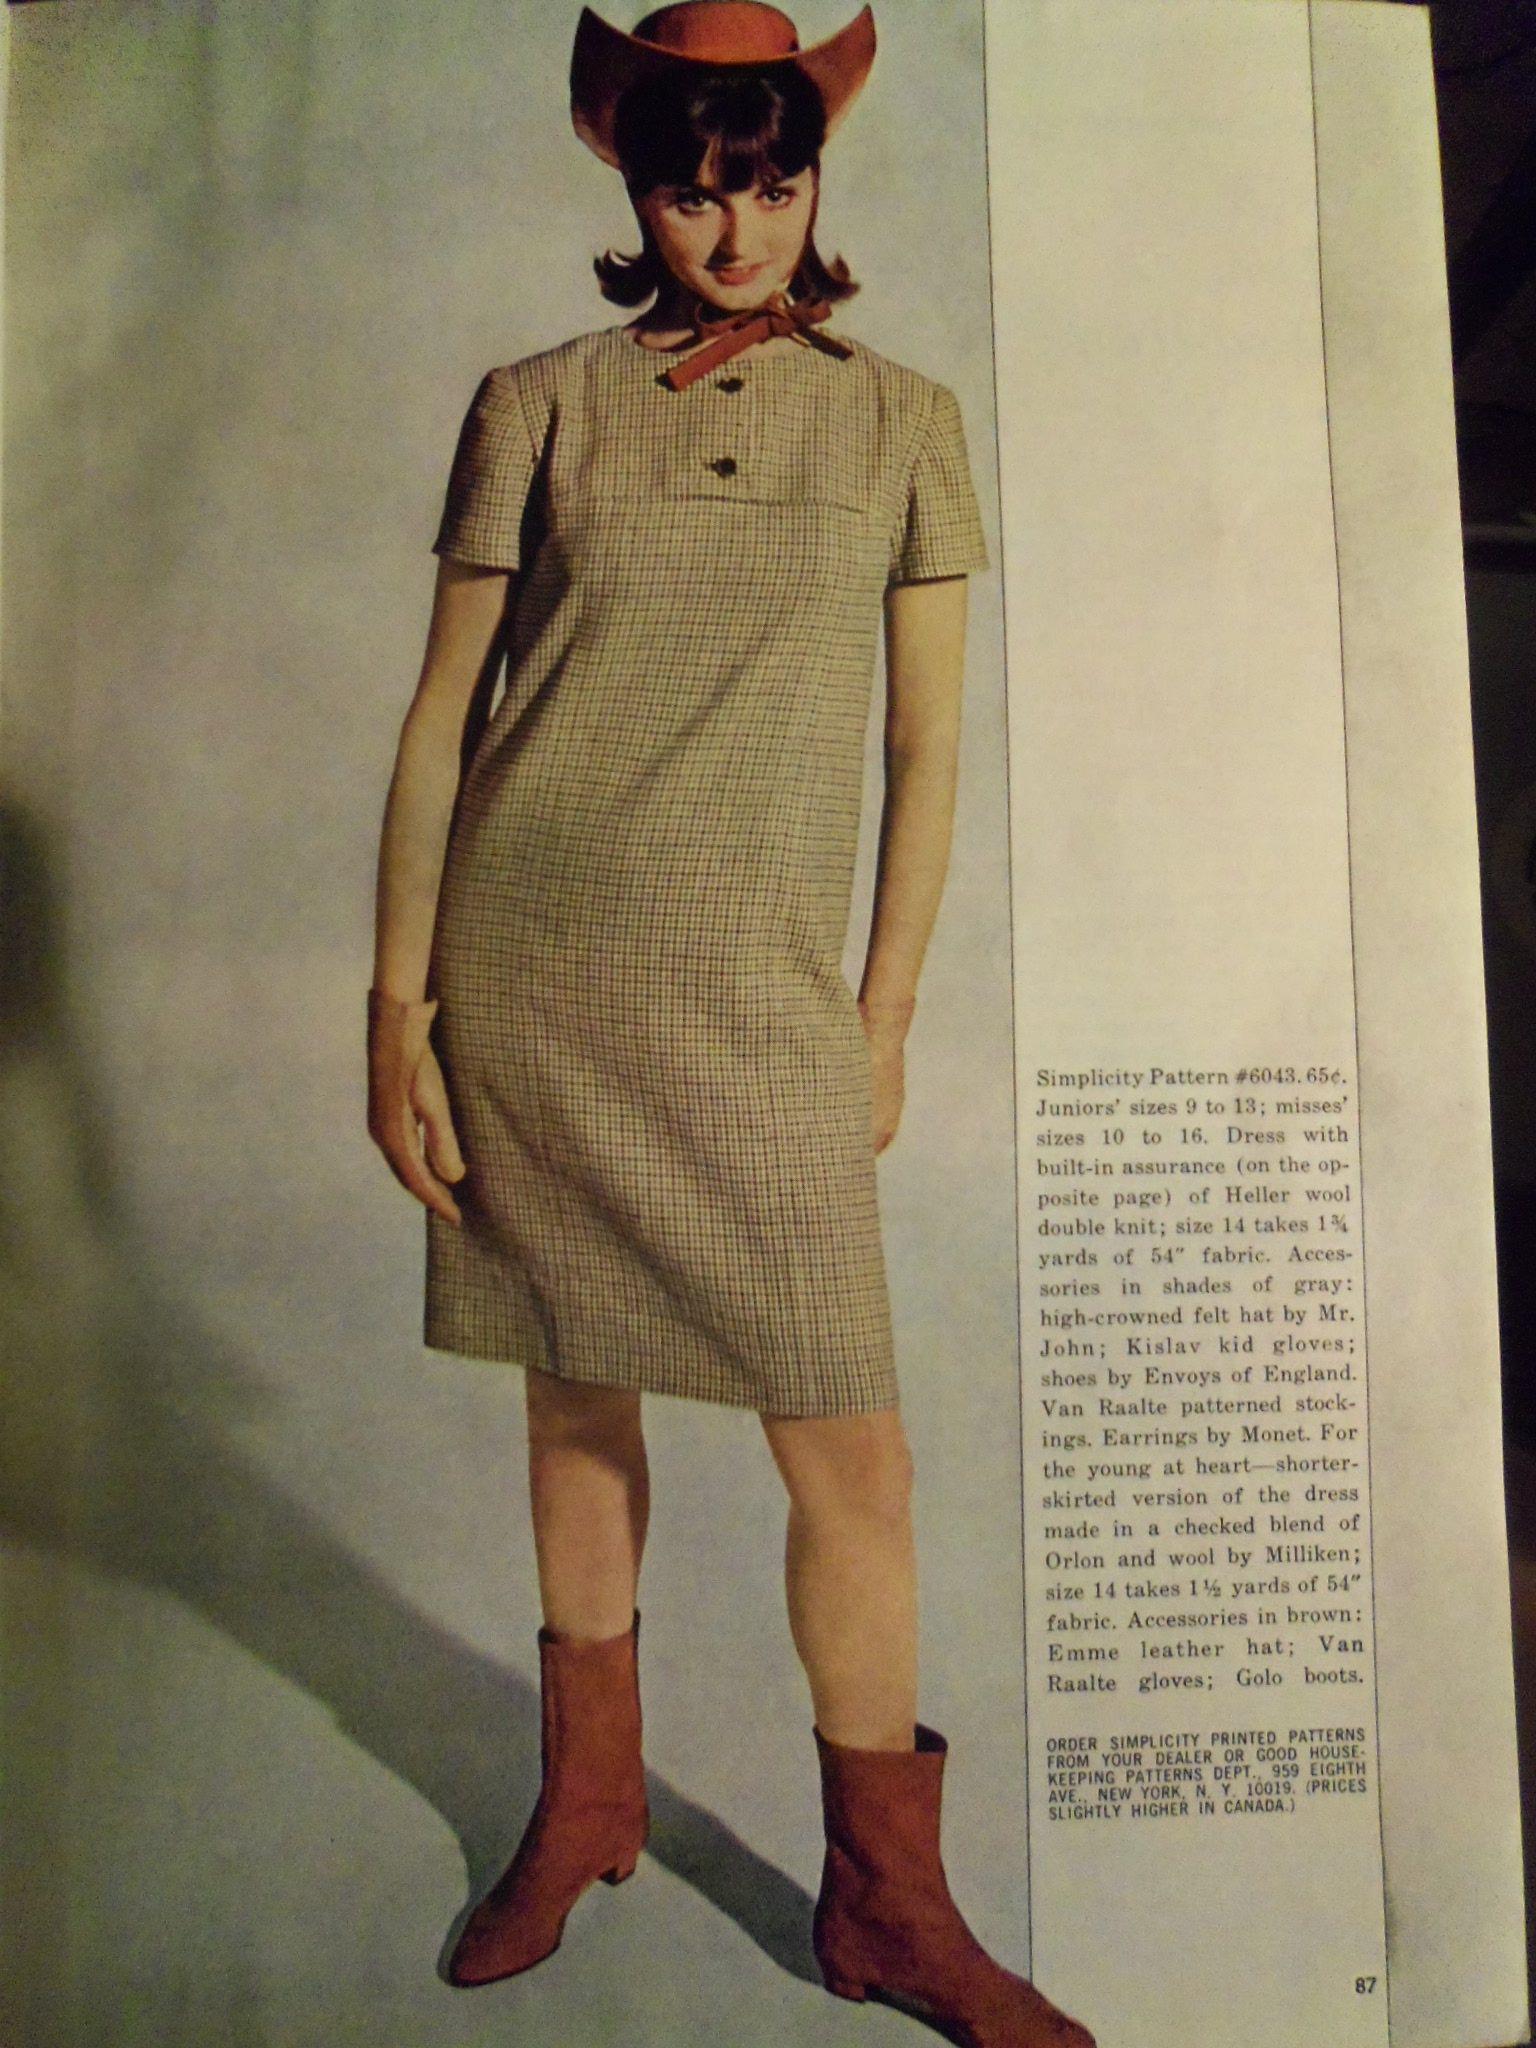 1965 Fashion spread - Mod Cowgirl